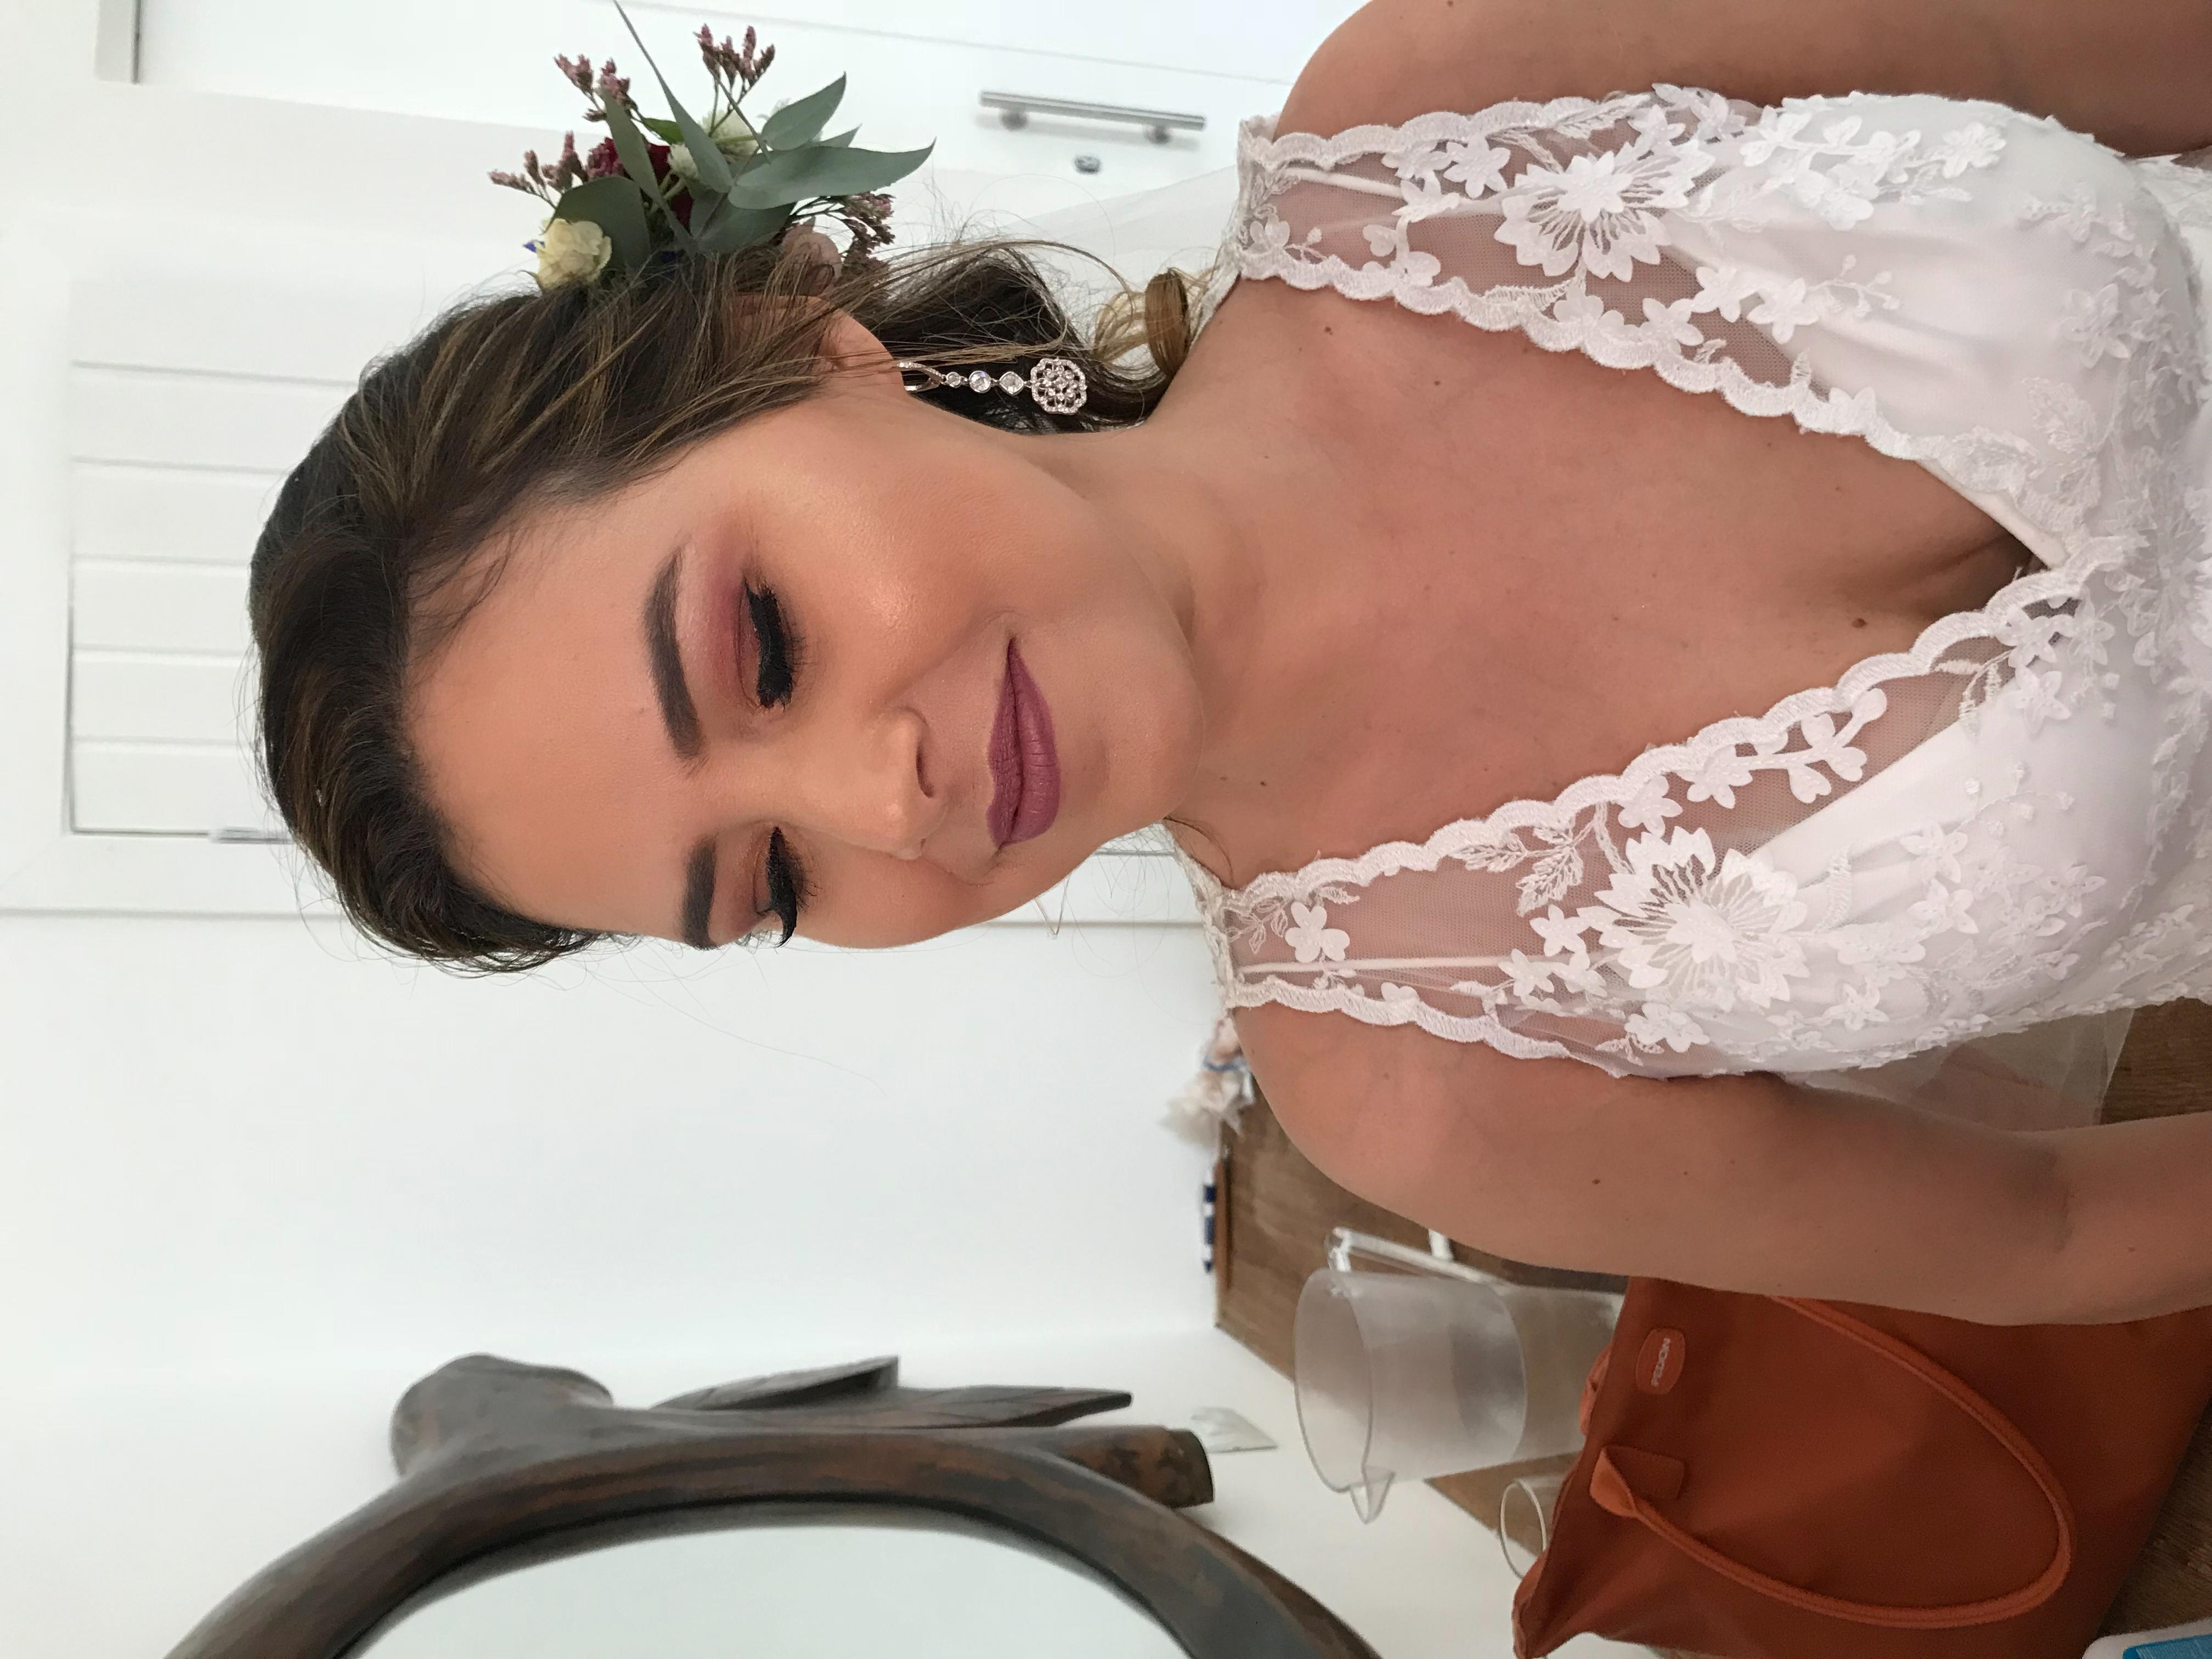 maquiagem e penteado búzios rj